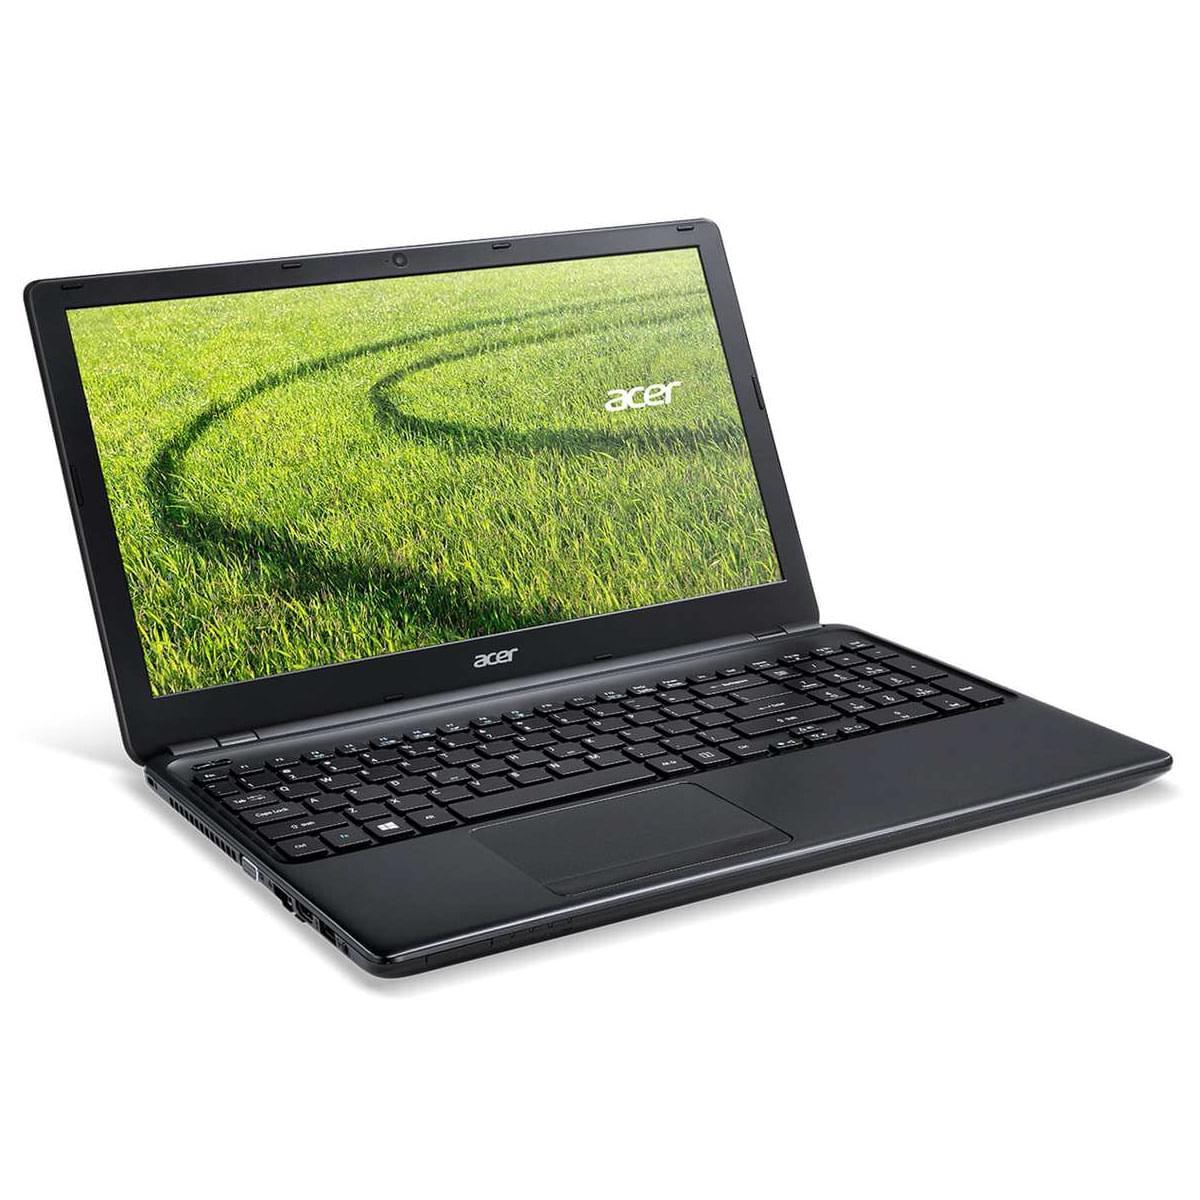 Acer E1-572-34014G50Mnkk (NX.M8EEF.001) - Achat / Vente PC Portable sur Cybertek.fr - 0